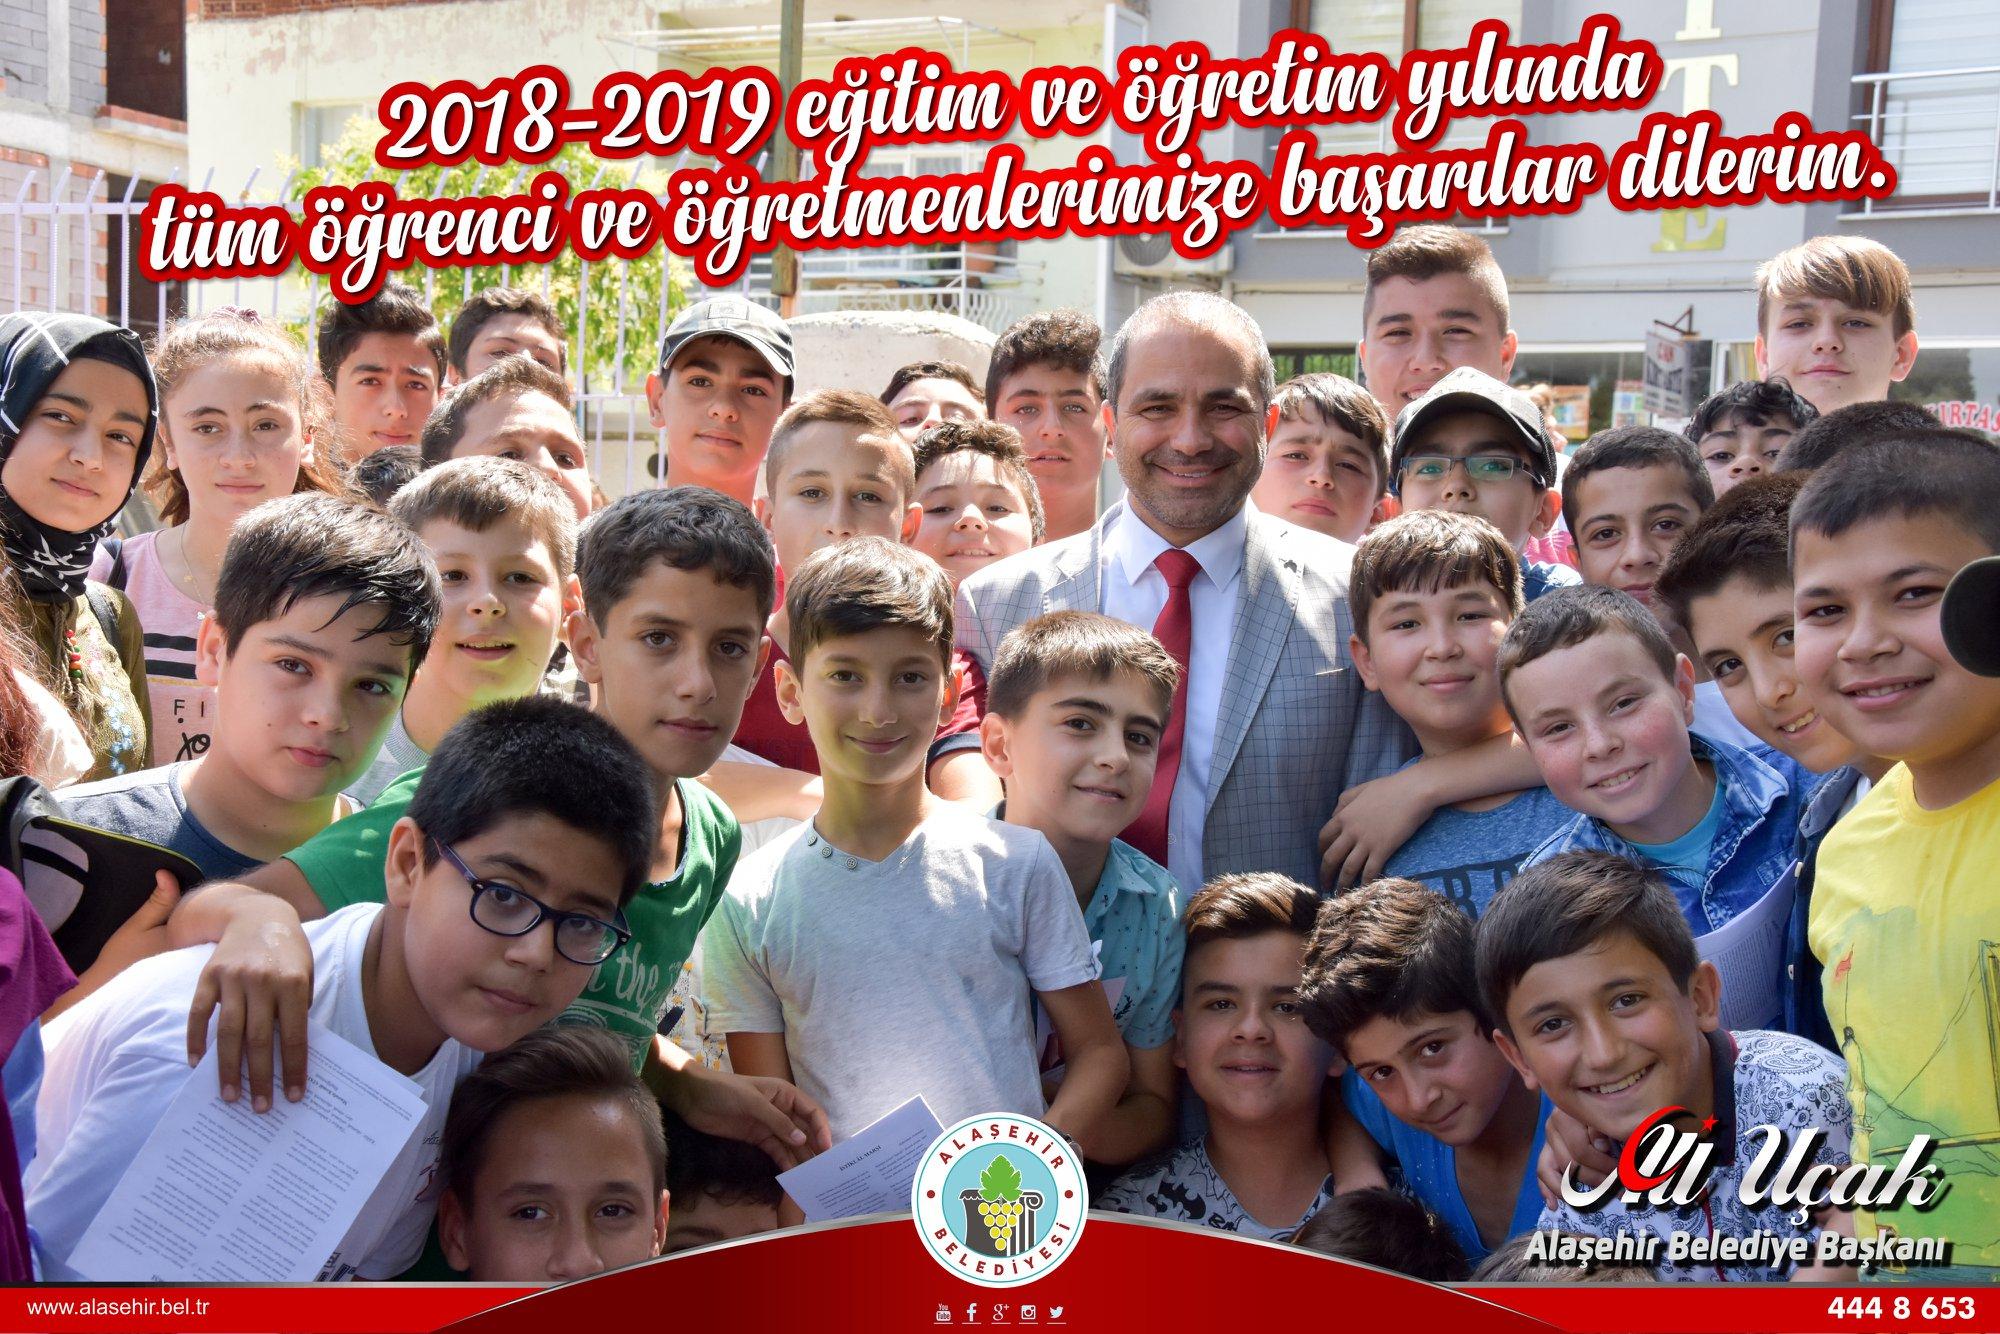 2018-2019 eğitim ve öğretim yılında tüm öğrenci ve öğretmenlerimize başarılar dilerim.